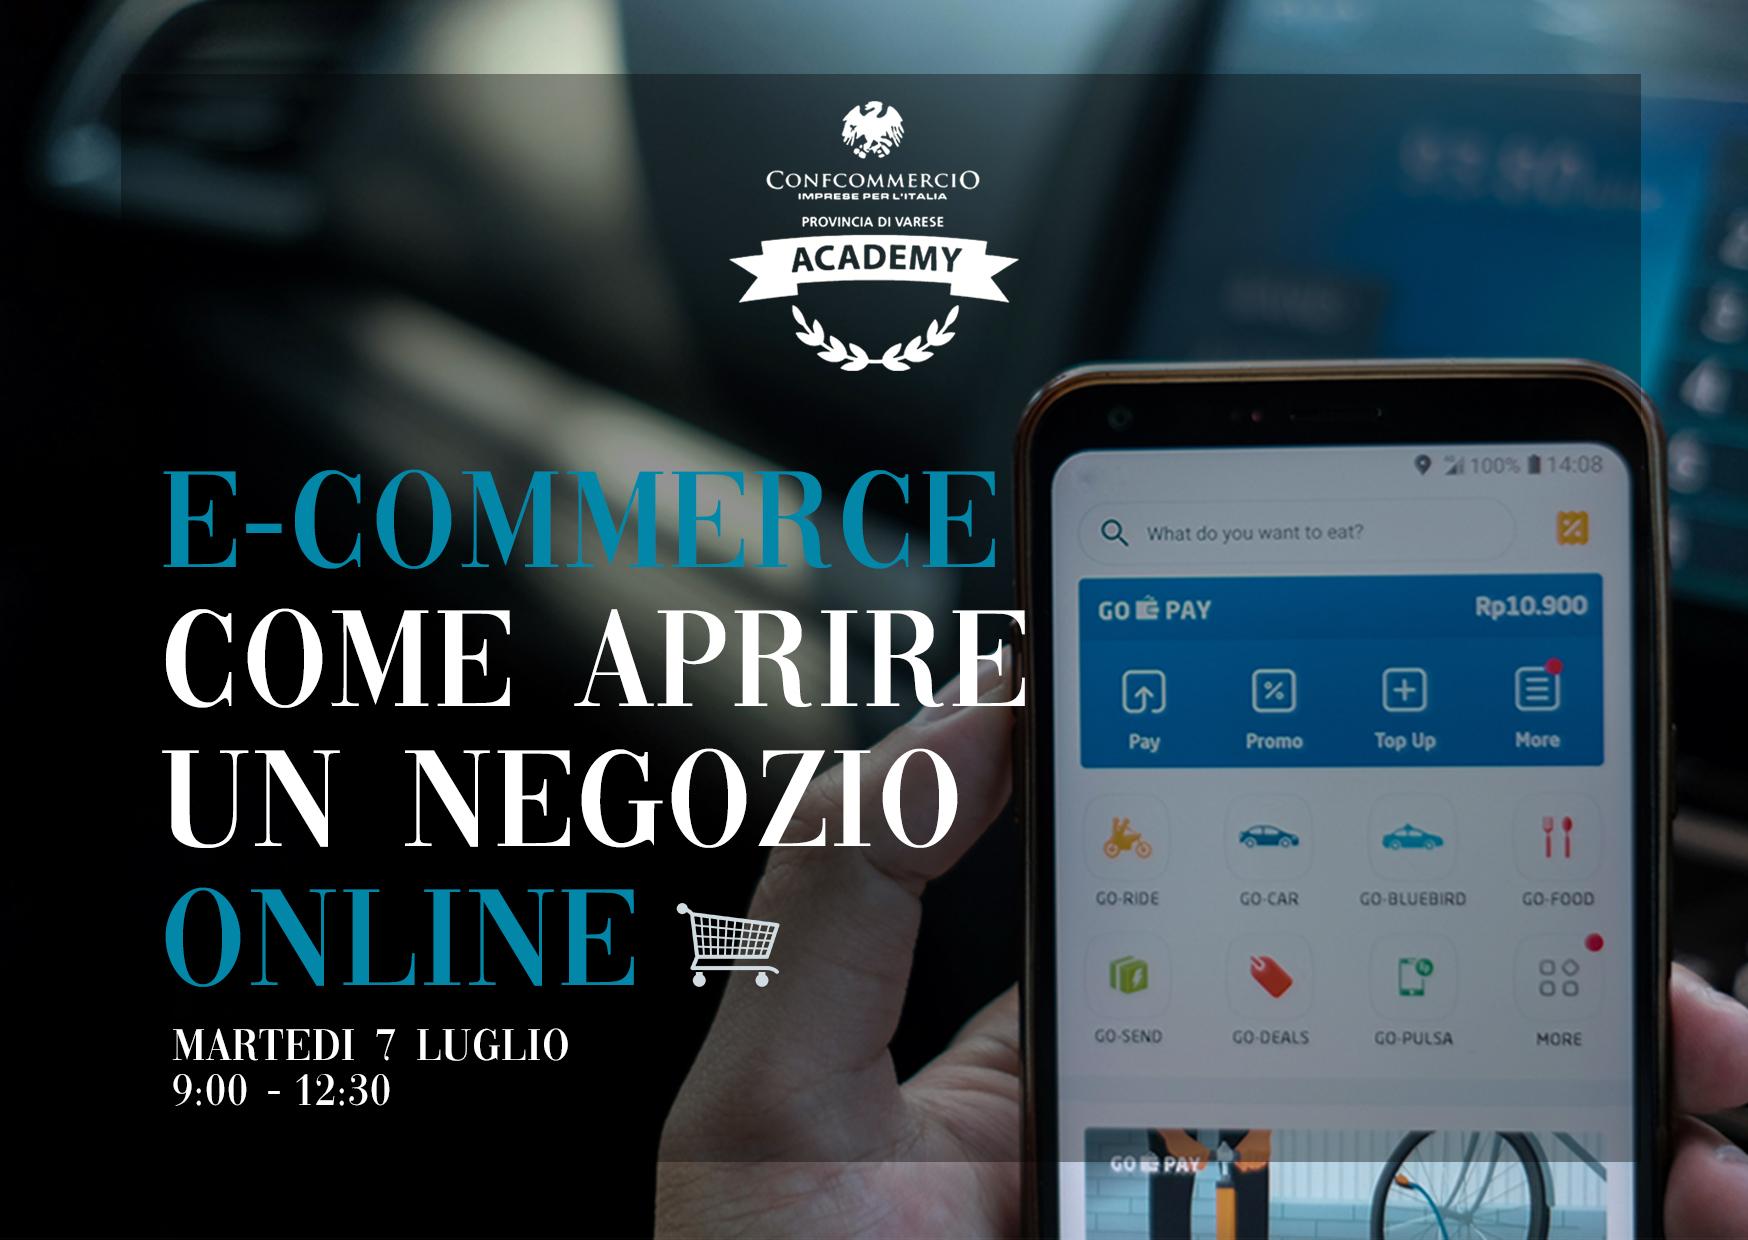 E-commerce:comeaprireunnegozioonline